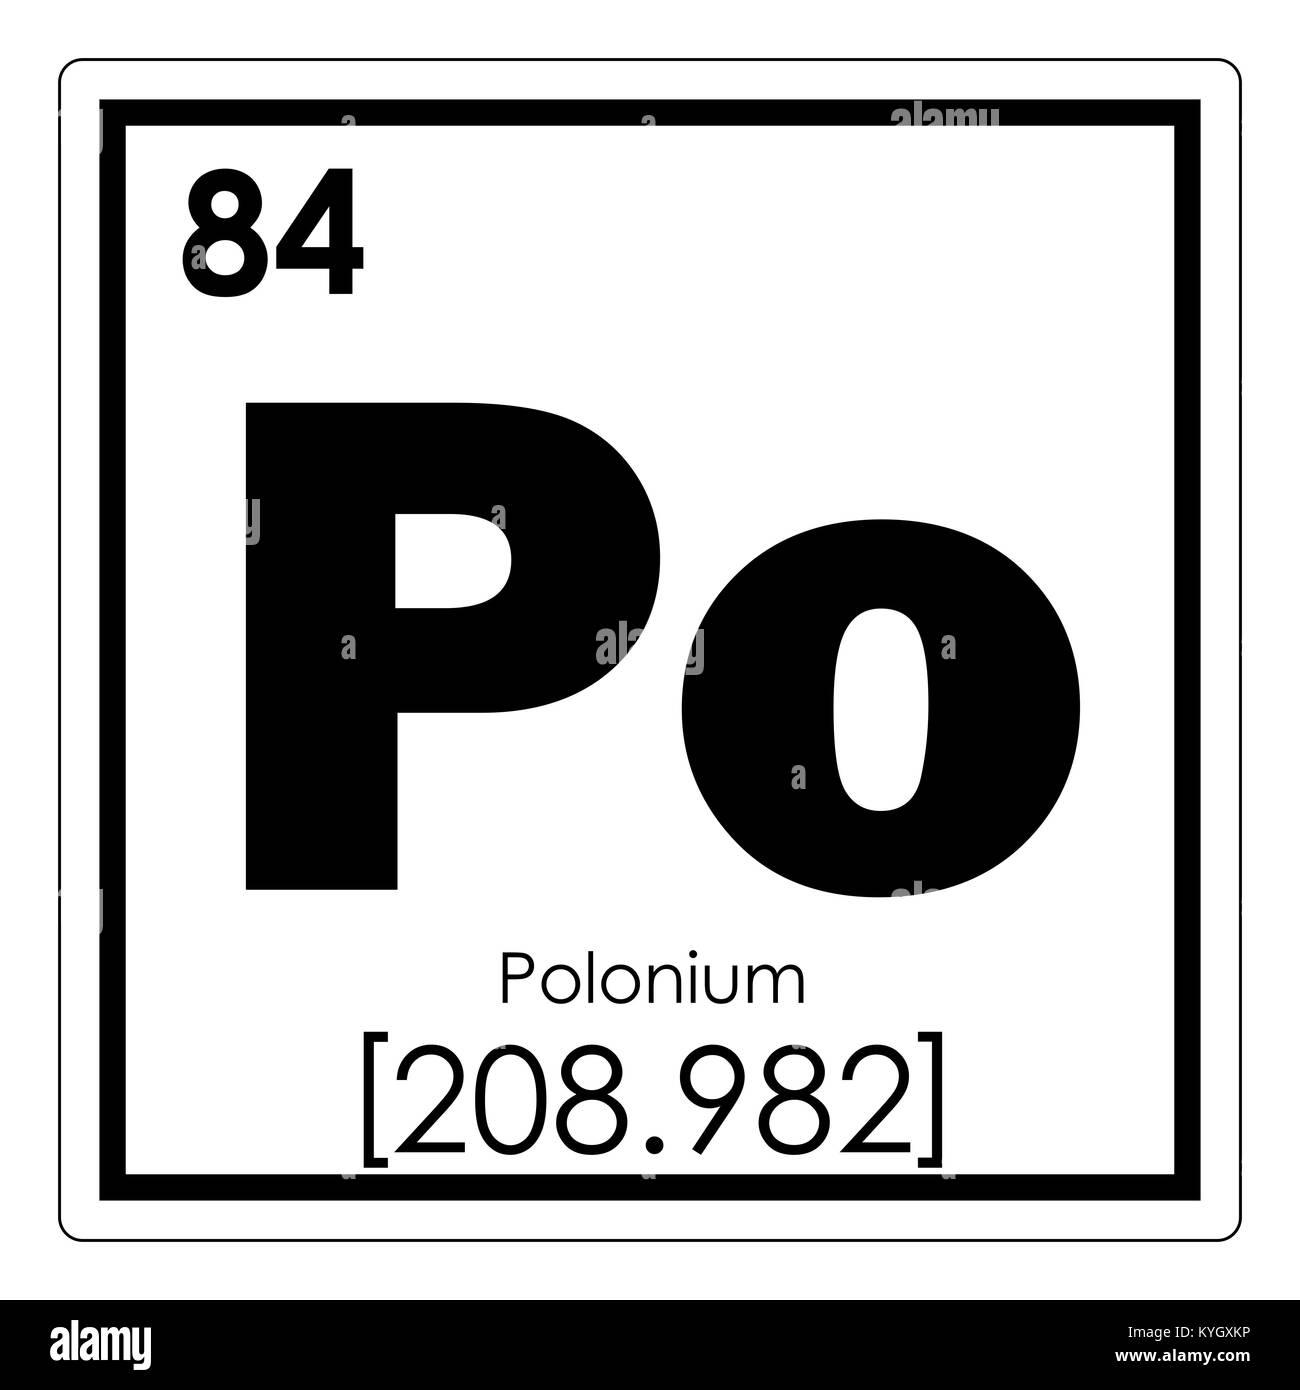 Periodic table symbol cerium choice image periodic table and symbol for polonium images symbol and sign ideas polonium chemical element periodic table science symbol stock urtaz Choice Image